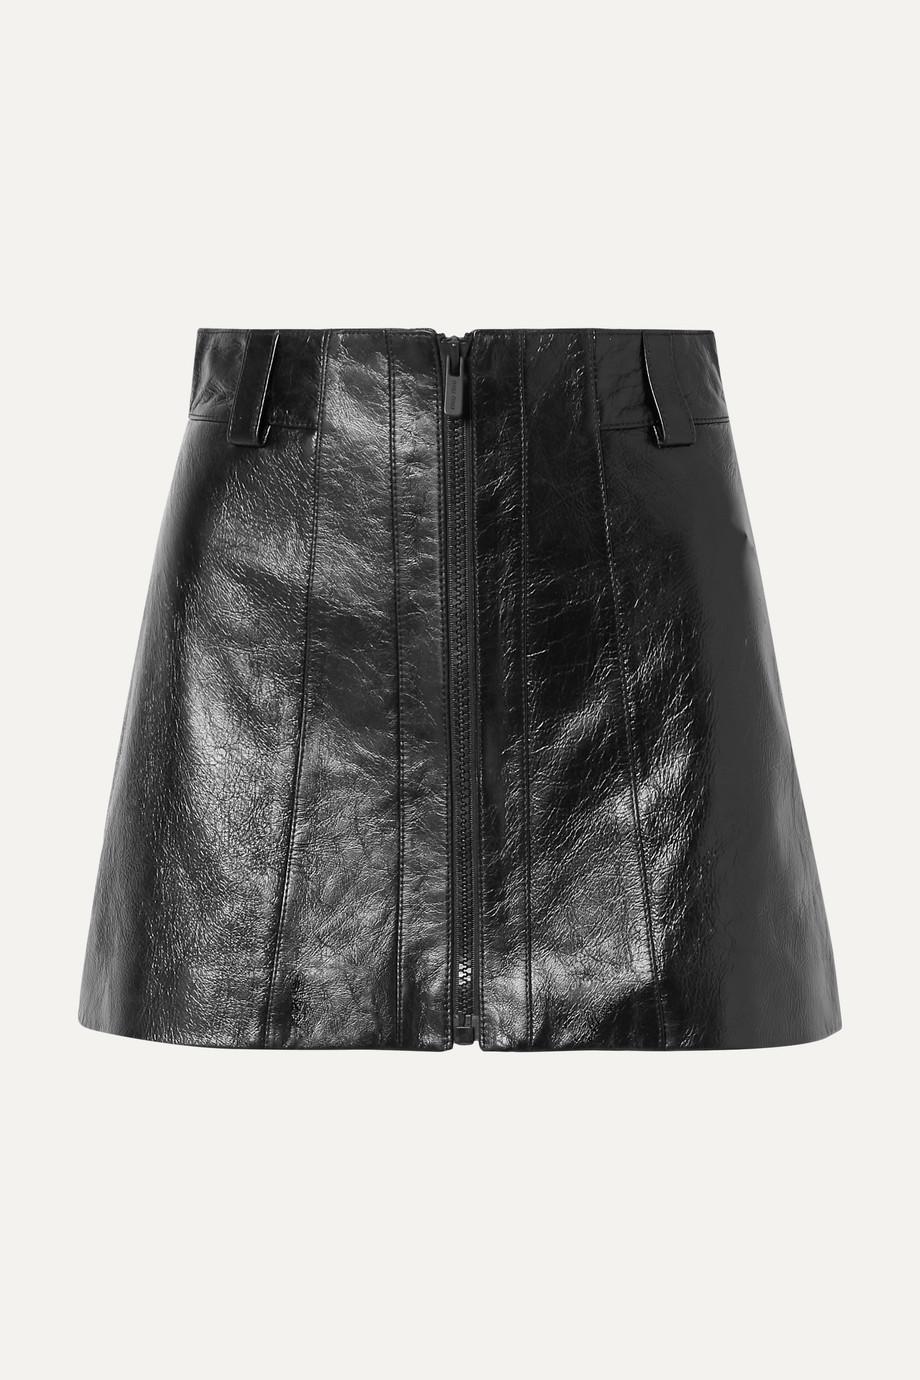 Miu Miu Crinkled glossed-leather mini skirt